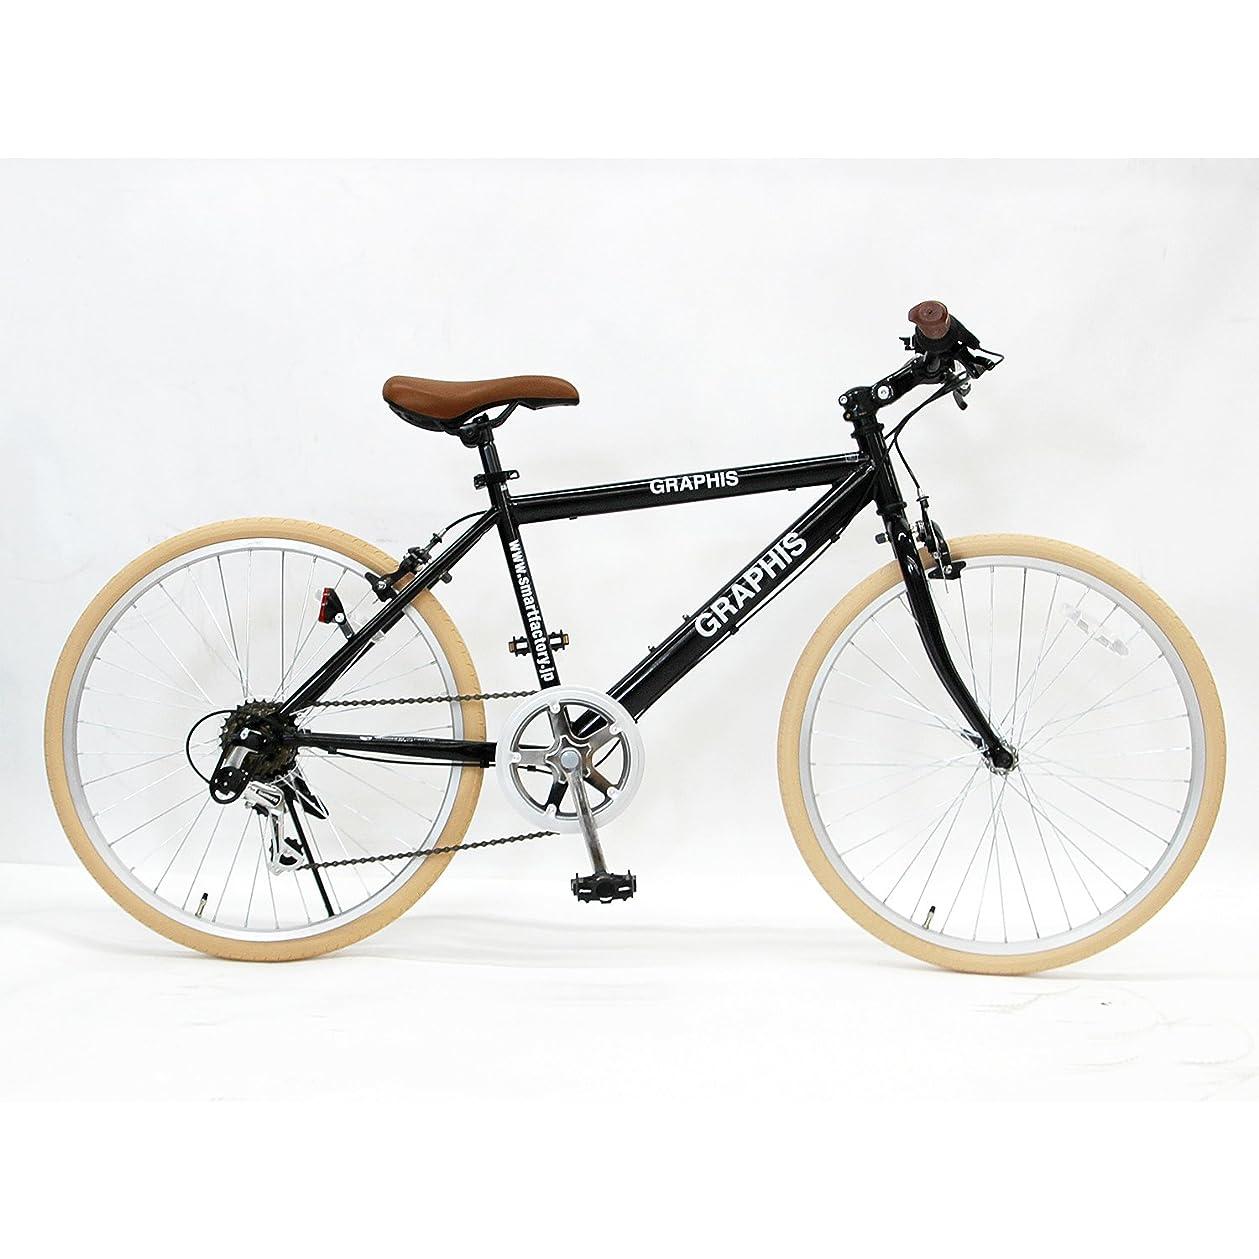 例アンタゴニスト人口GRAPHIS(グラフィス)GR-001 クロスバイク 26インチ 6段変速 可動式ステム  11色